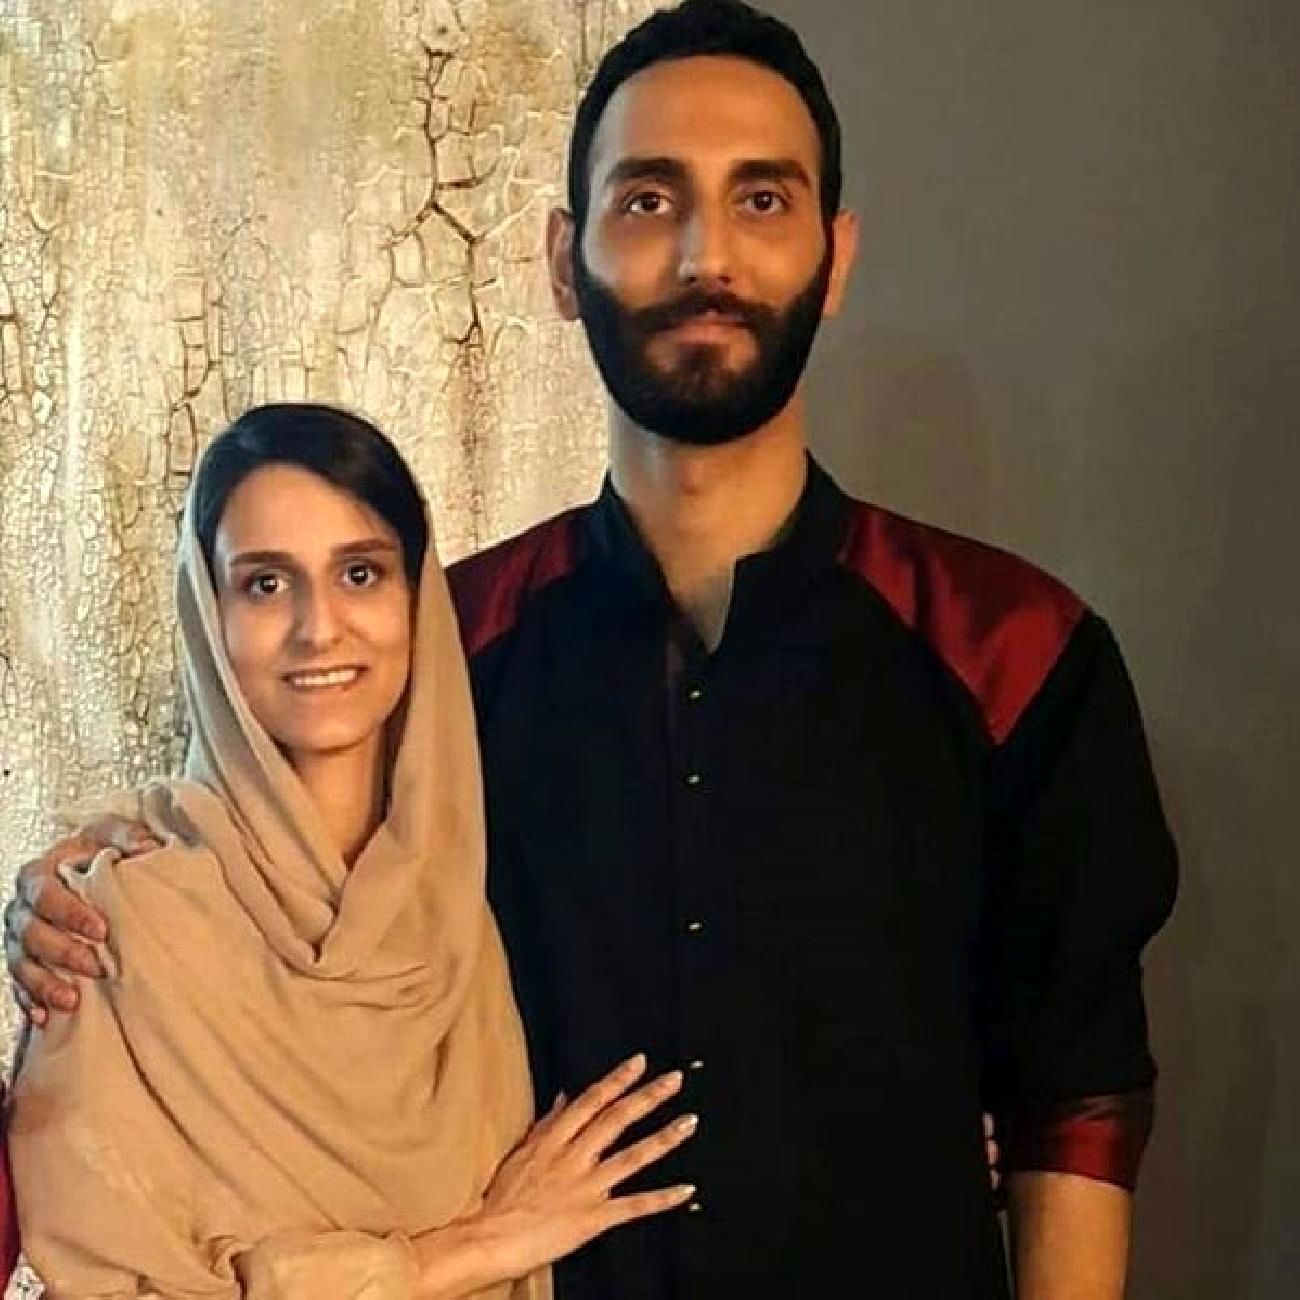 ماجرای رونمایی مهران مدیری از همسرش + عکس های خانوادگی